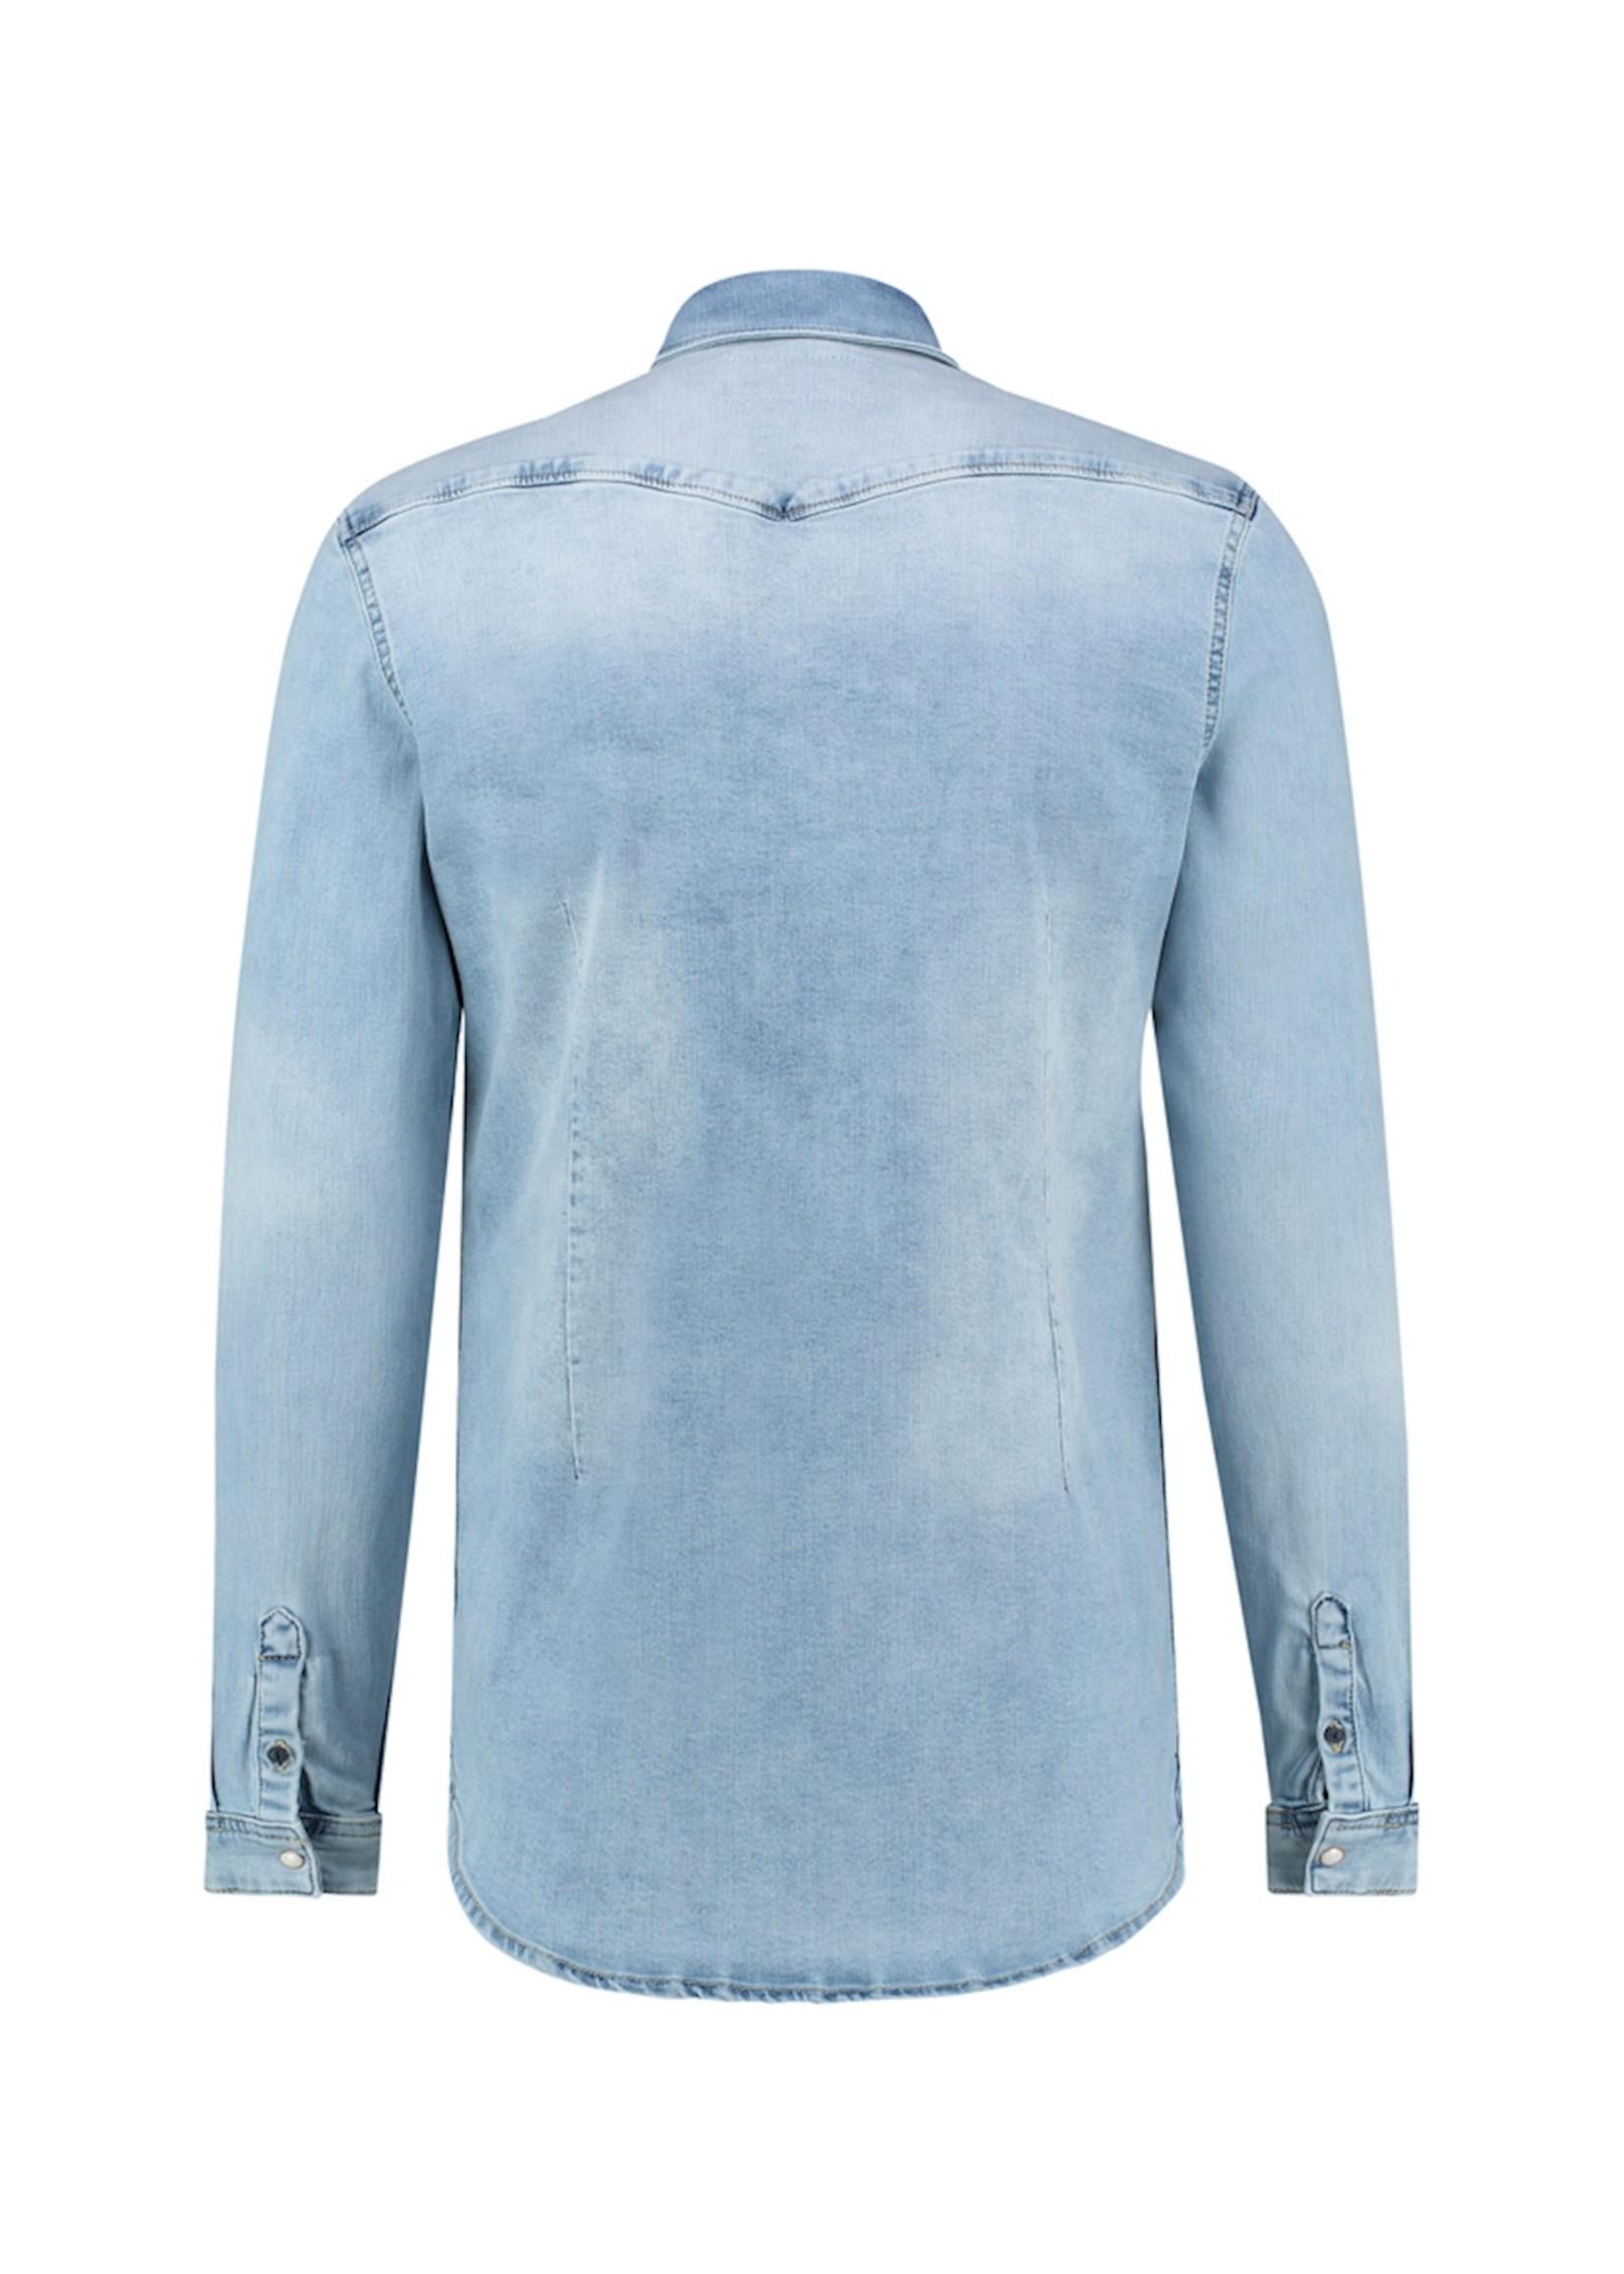 Purewhite Denim Shirt - Light Blue